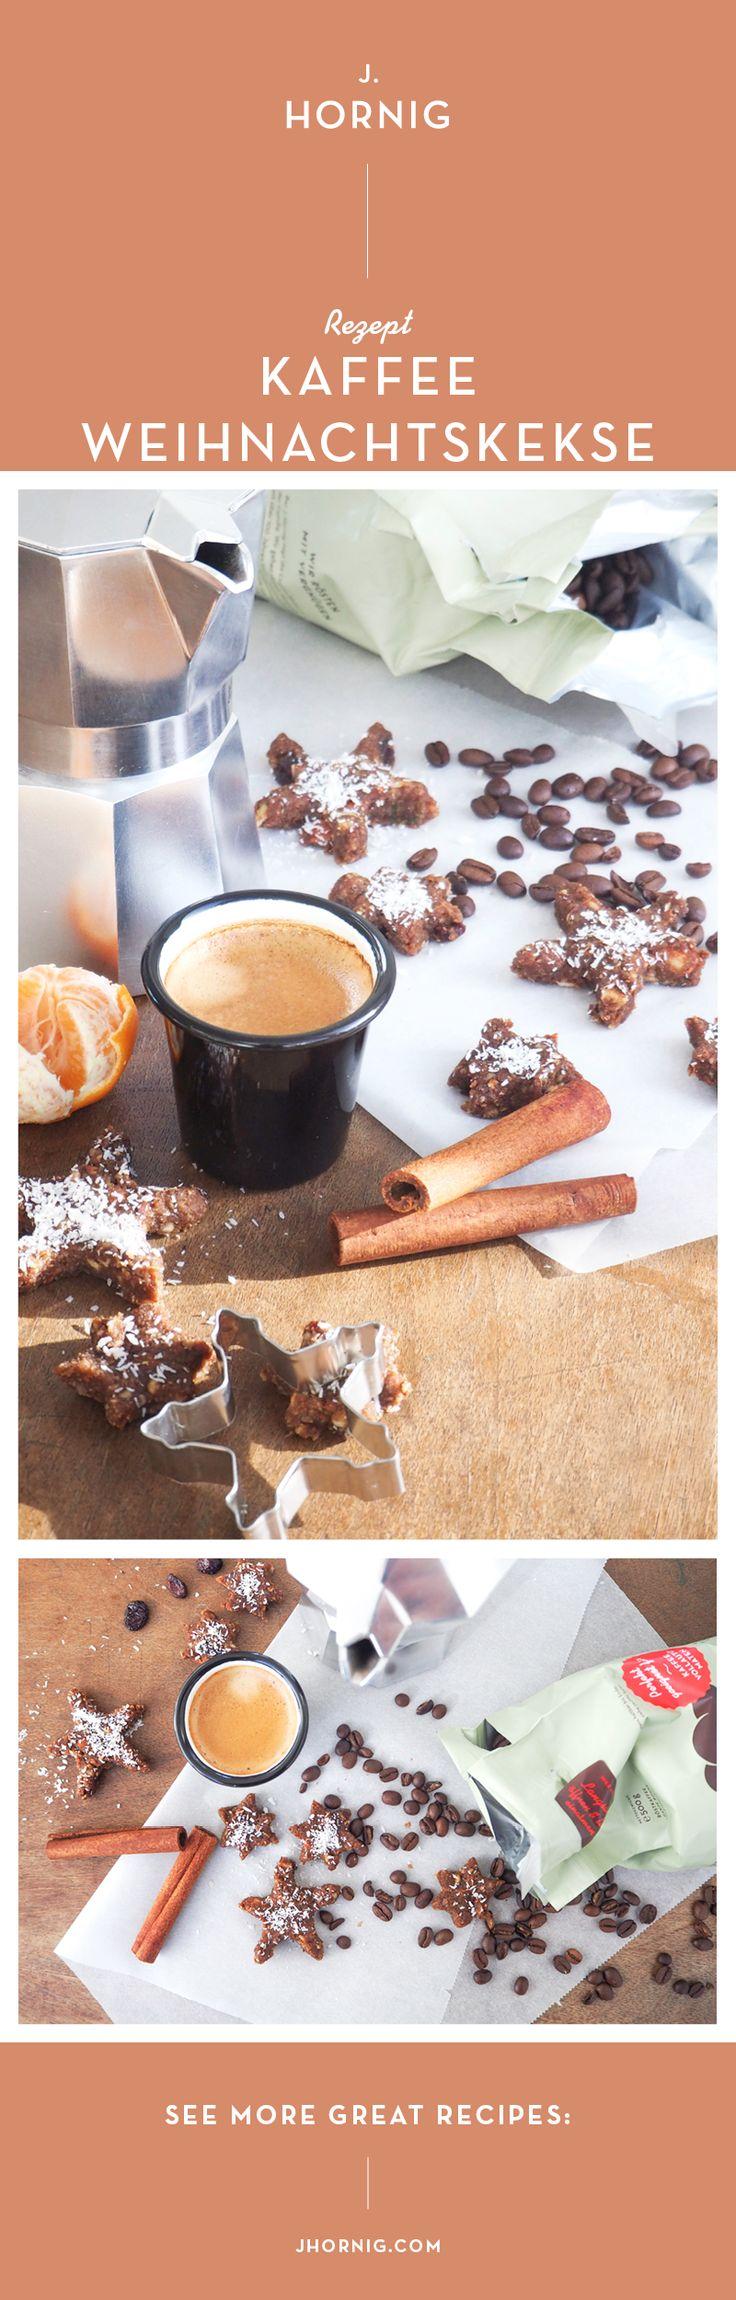 Hanna von Simple Storyteller hat für alle Weihnachtskeks-Enthusiasten wunderbare, leckere rohvegane Weihnachtskekse mit Kaffee kreiert. ☕️ Sie haben nicht nur Potenzial zum neuen Favorit am Kekseteller, sondern können auch nicht verbrennen!   Das Rezept findest du in diesem Beitrag.  #JHornig #kaffee #weihnachten #kekse #weihnachtskekse #vegan #rohvegan